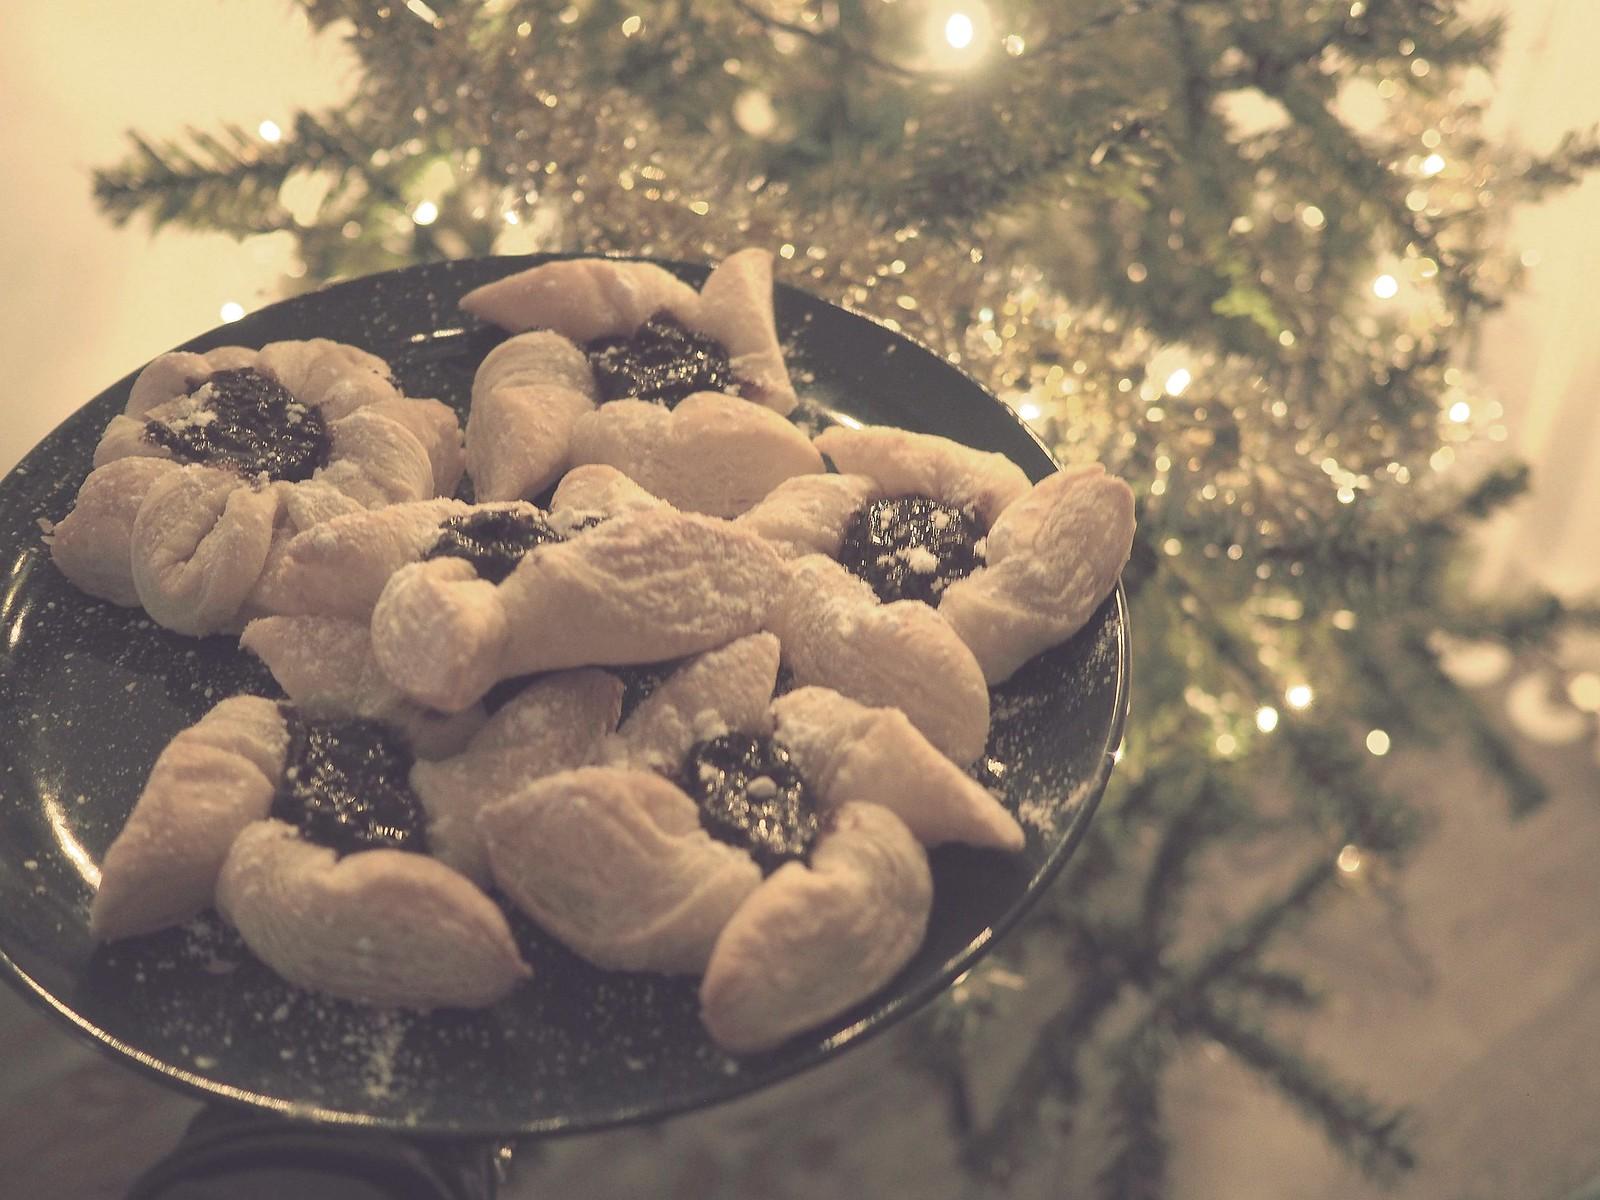 tekemistä joulukuulle